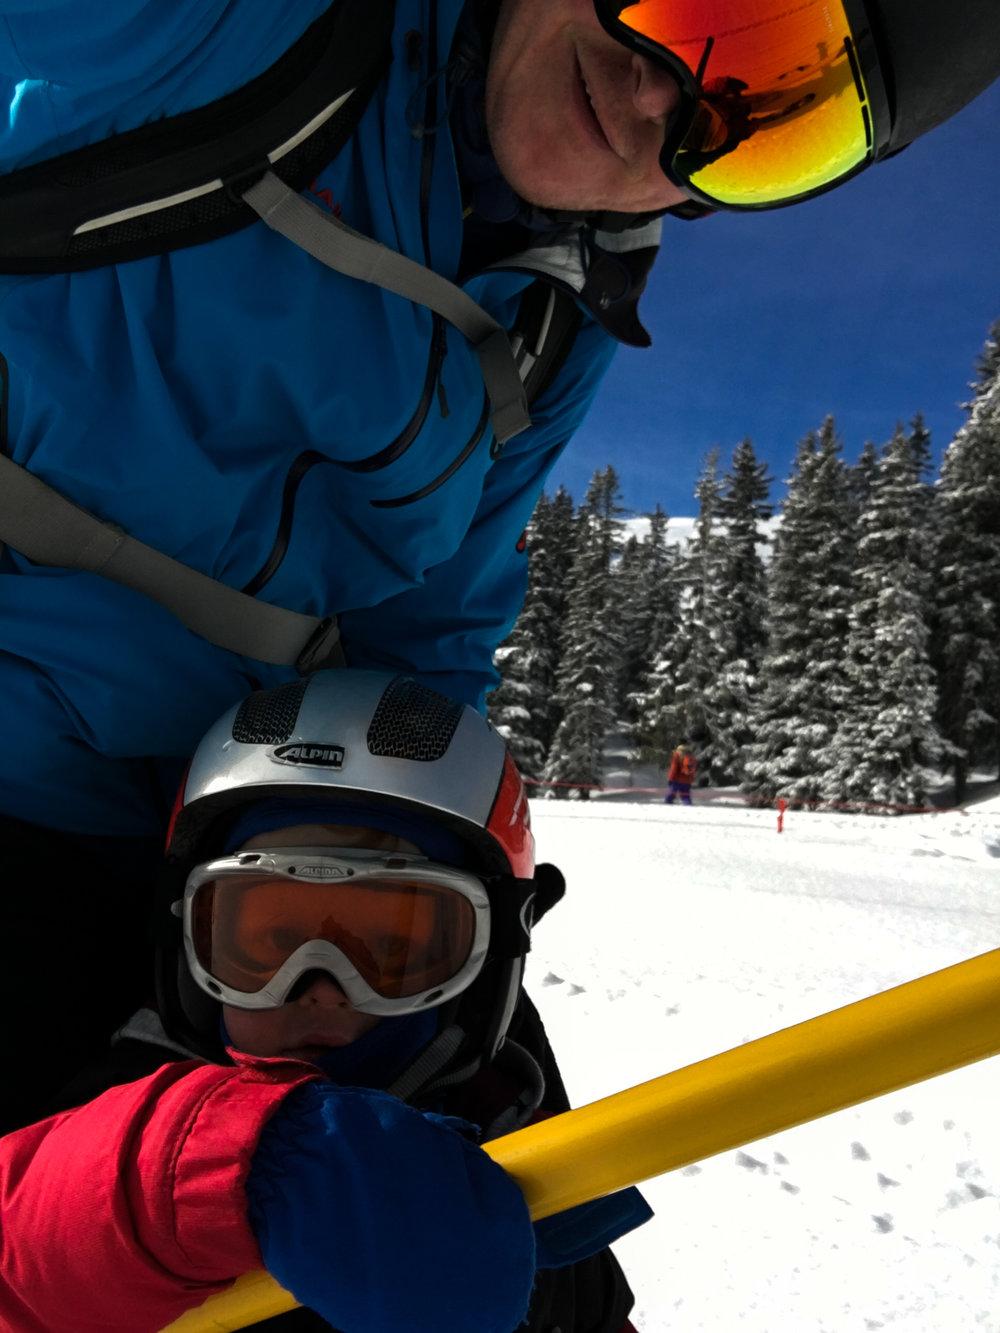 skiday 17_02.jpg